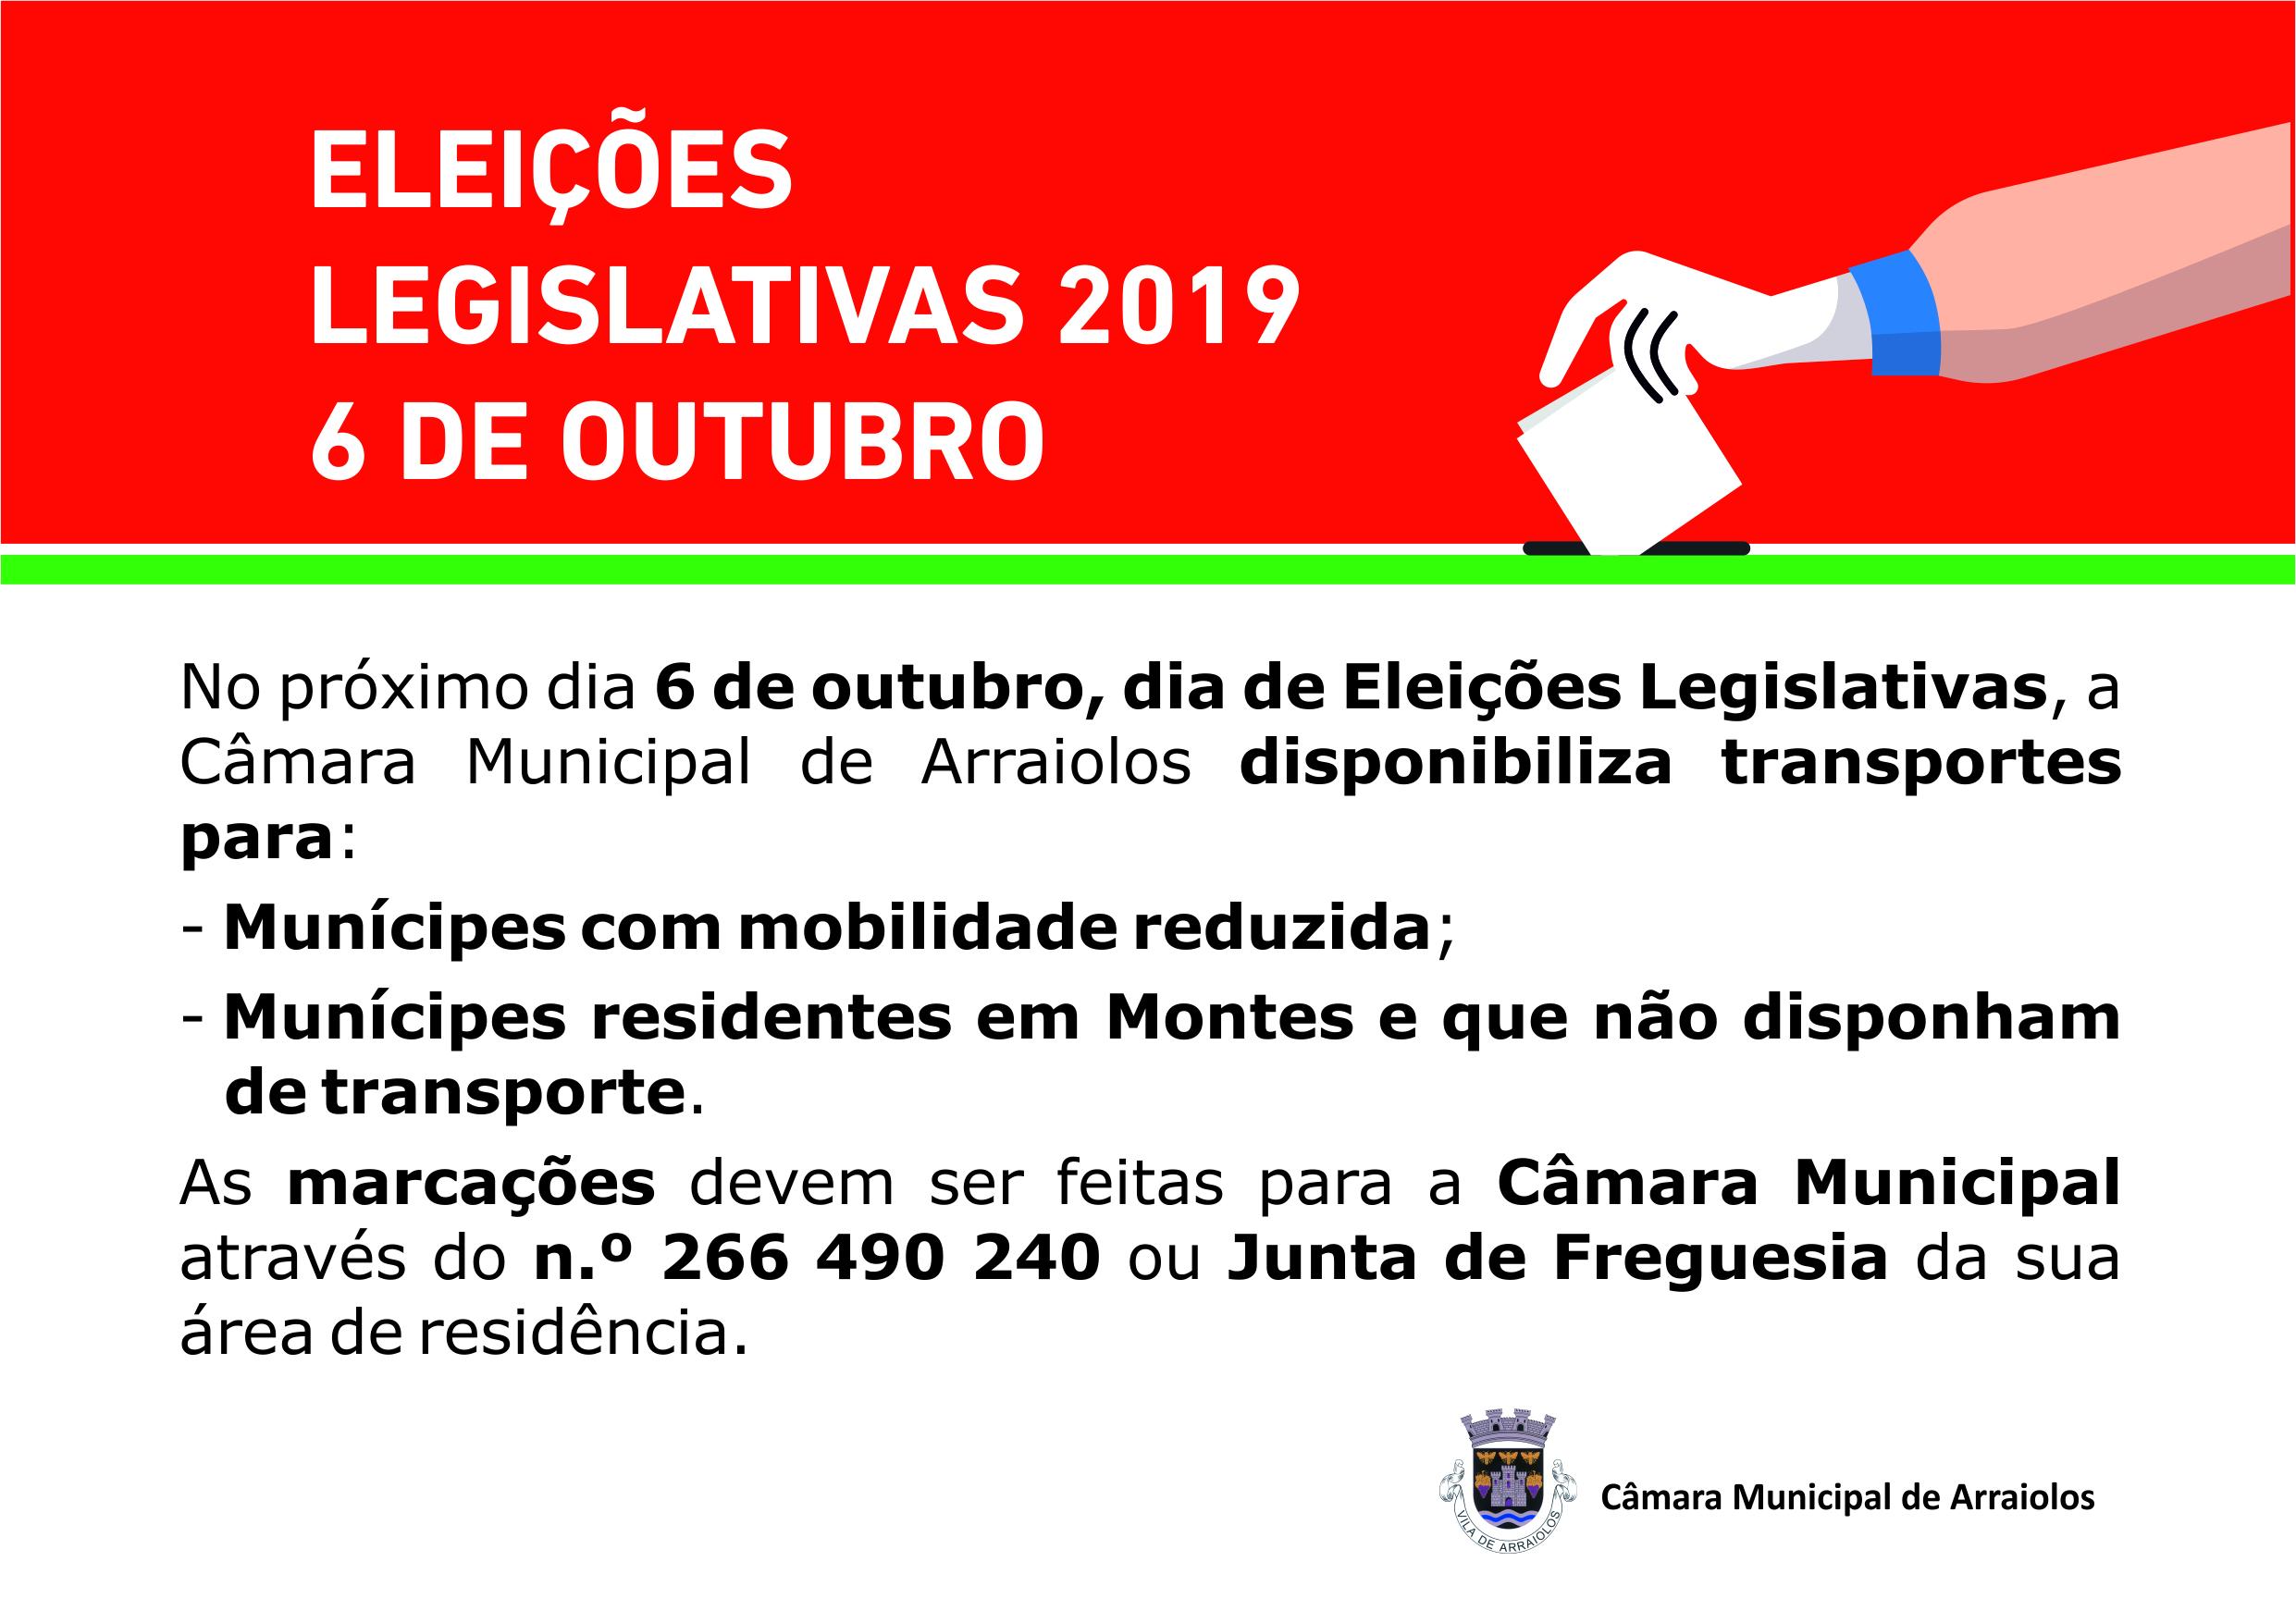 Eleições NETE Transporte.jpg